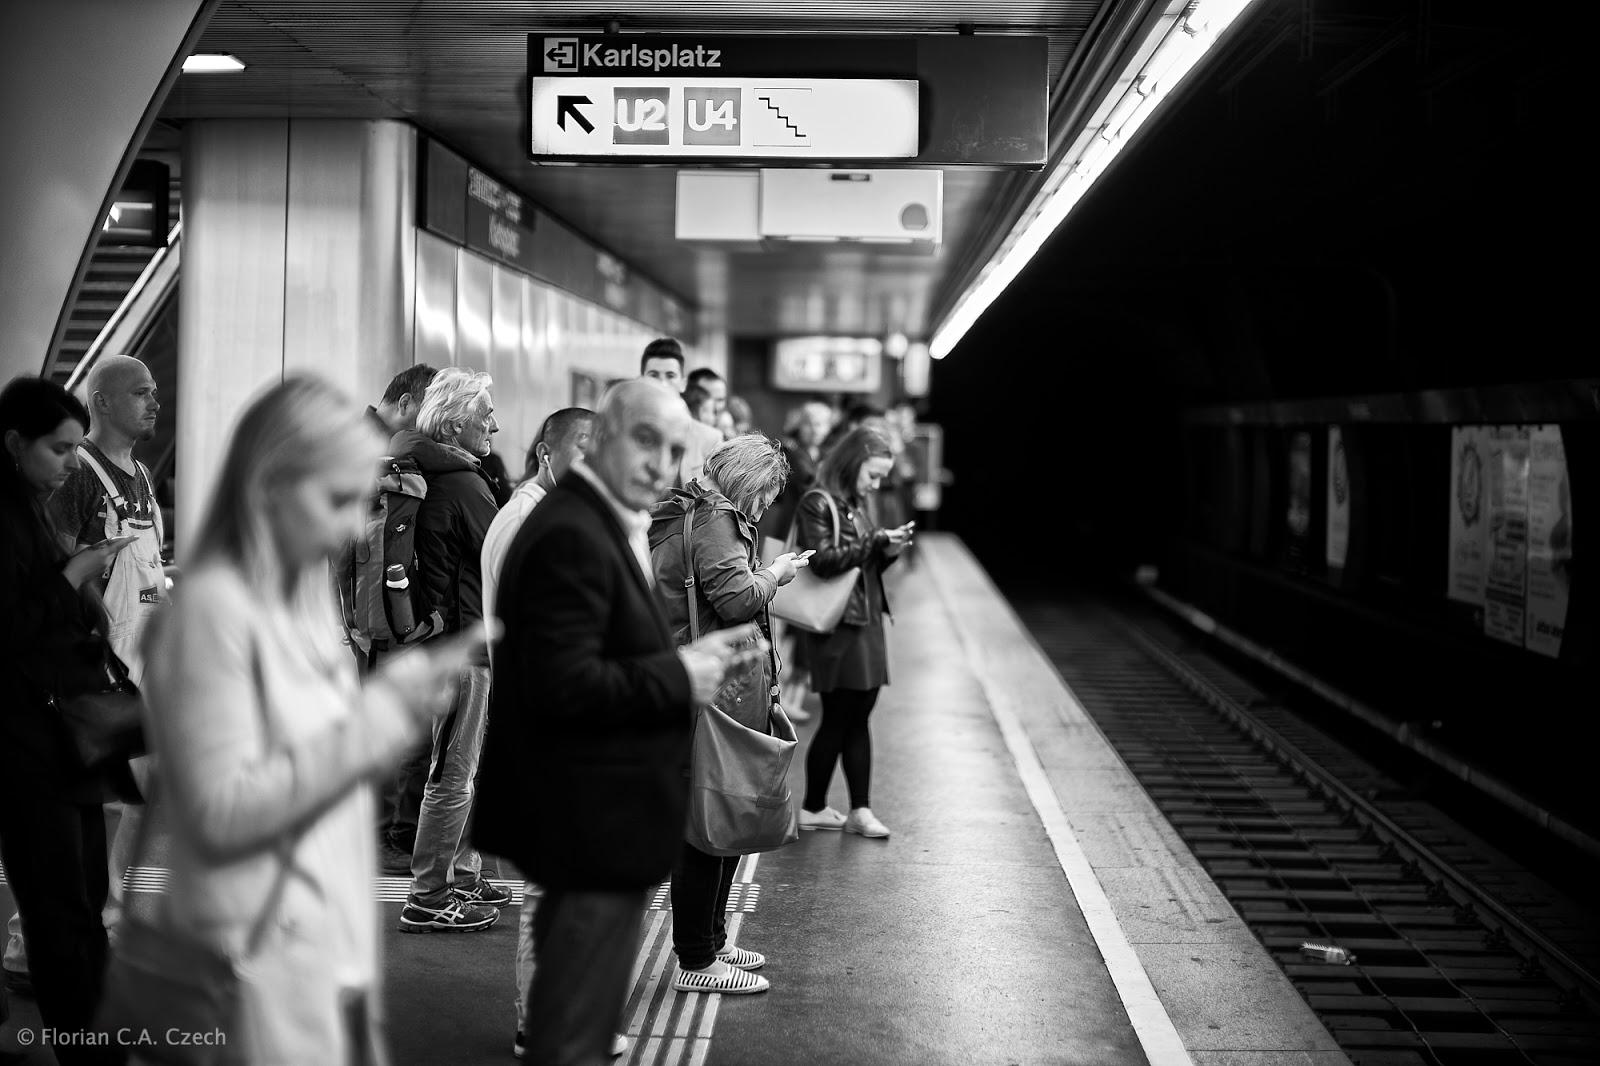 Wartende Menschen in der U-Bahn